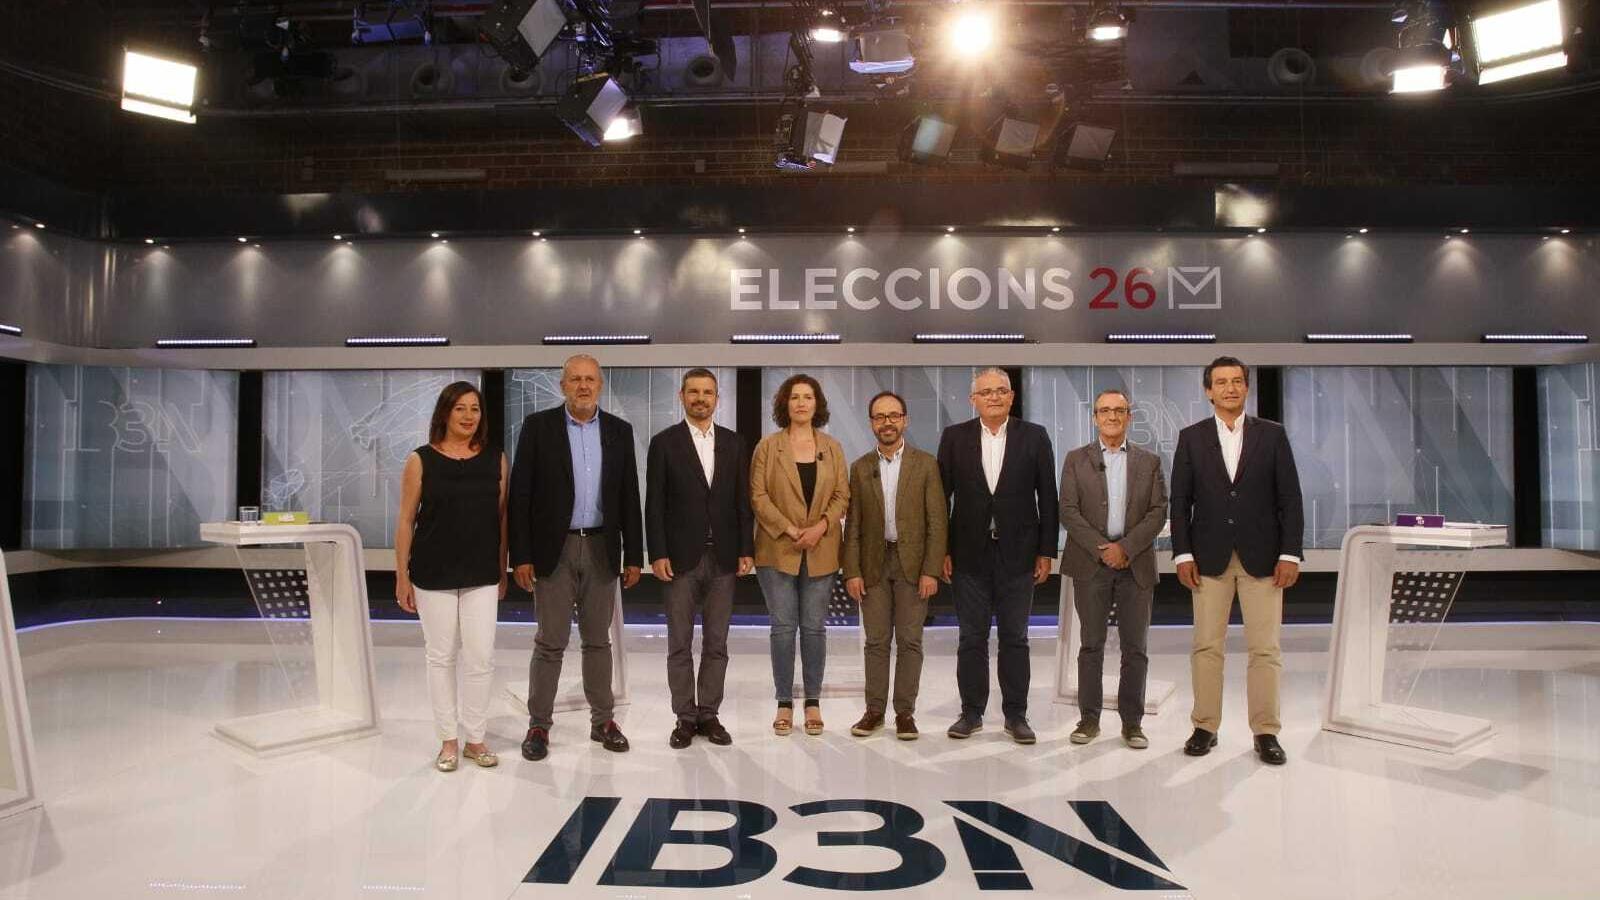 Foto de família dels candidats a les eleccions autonòmiques.